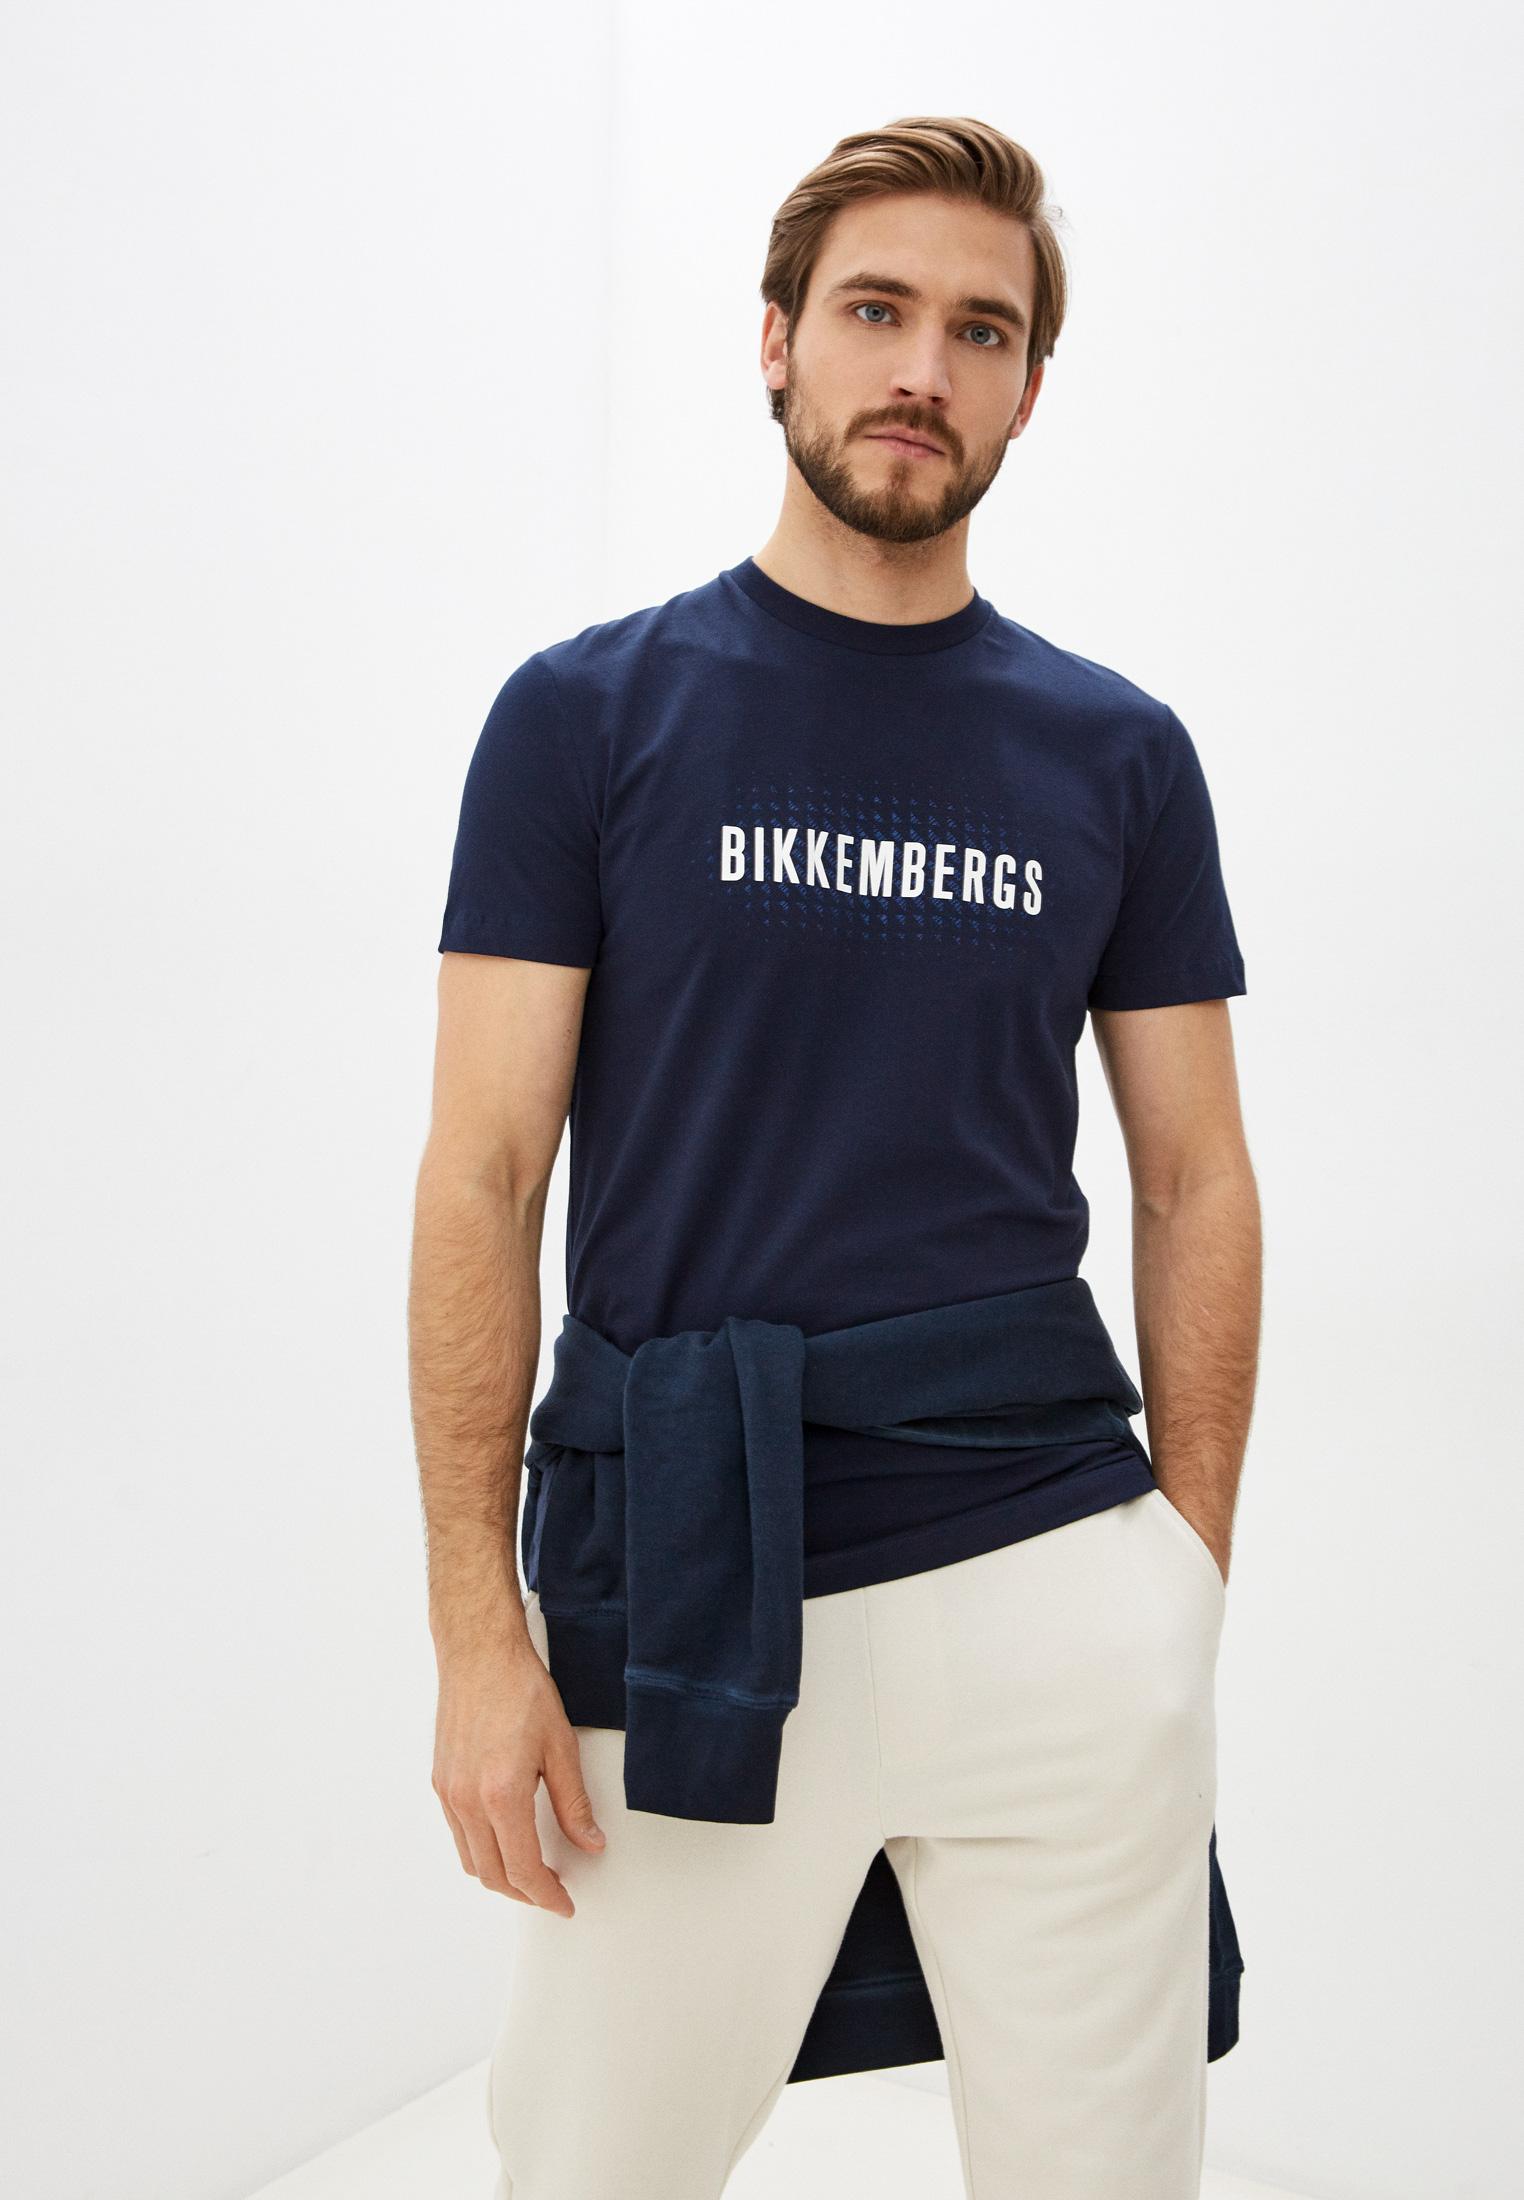 Мужская футболка Bikkembergs (Биккембергс) C 4 101 49 E 2296: изображение 1